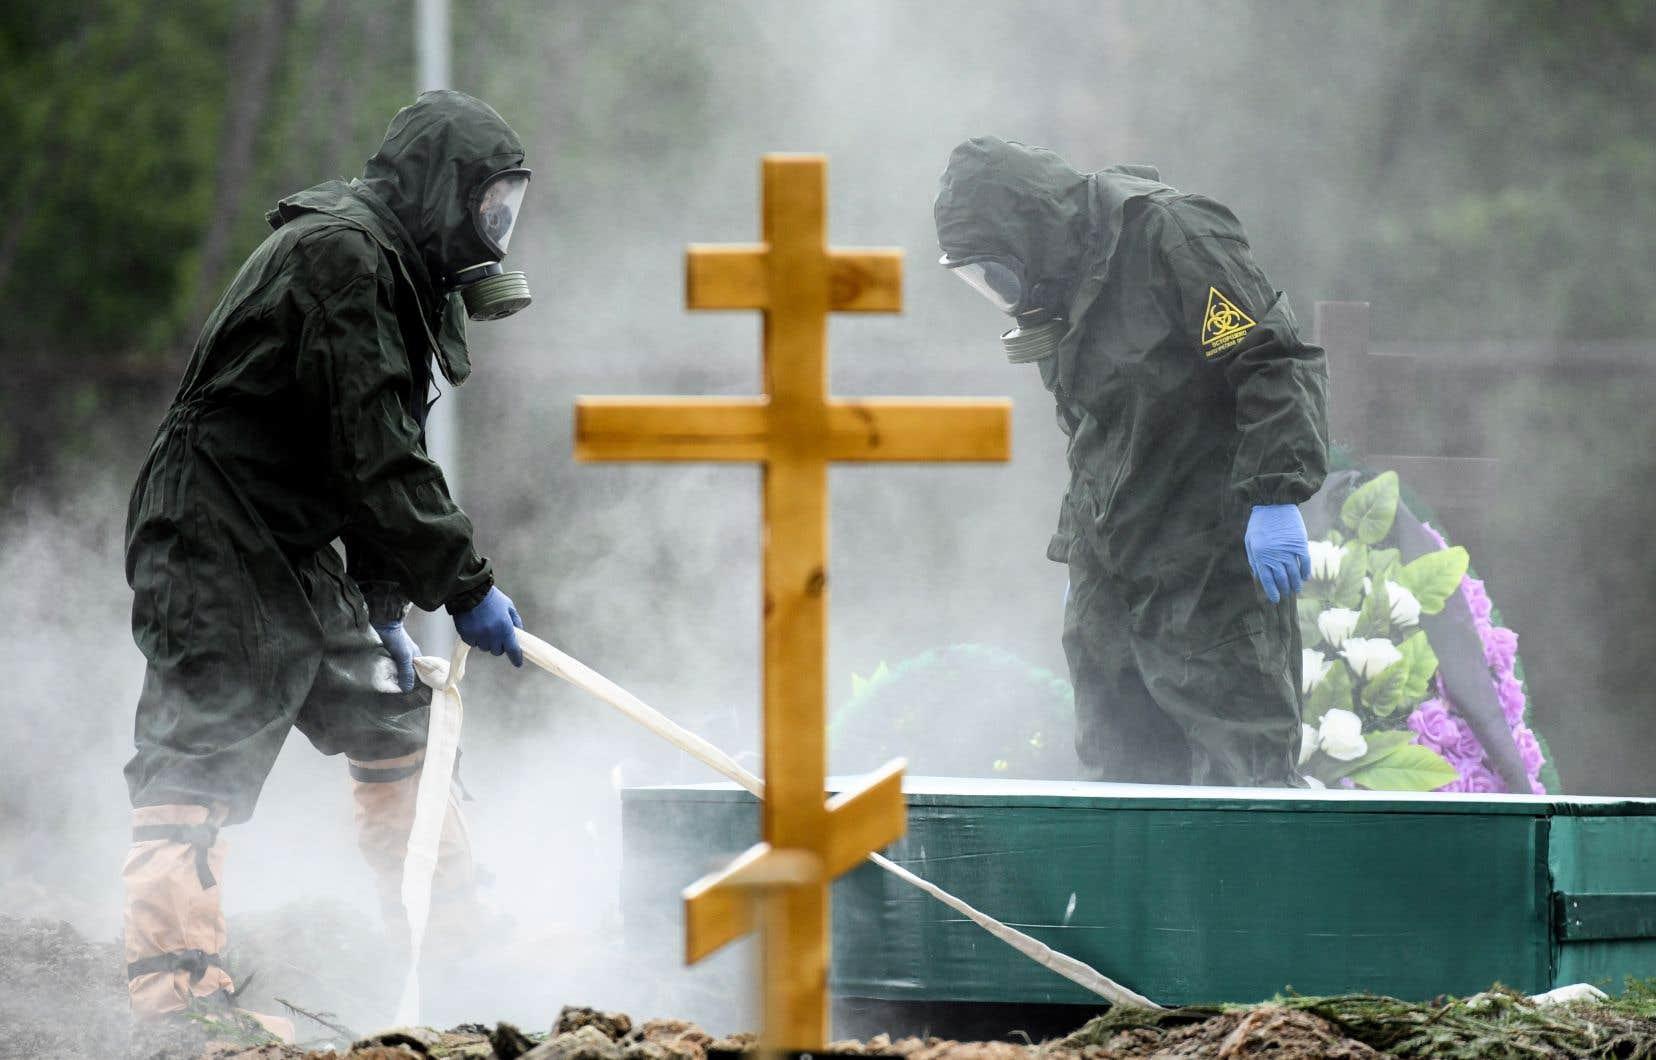 Des travailleurs sanitaires désinfectaient un cimetière vendredi près de Moscou. La Russie, le deuxième pays en nombre de cas détectés, se targue de sa faible mortalité liée au coronavirus, mais, dans la région du Caucase, les autorités sonnent l'alerte.